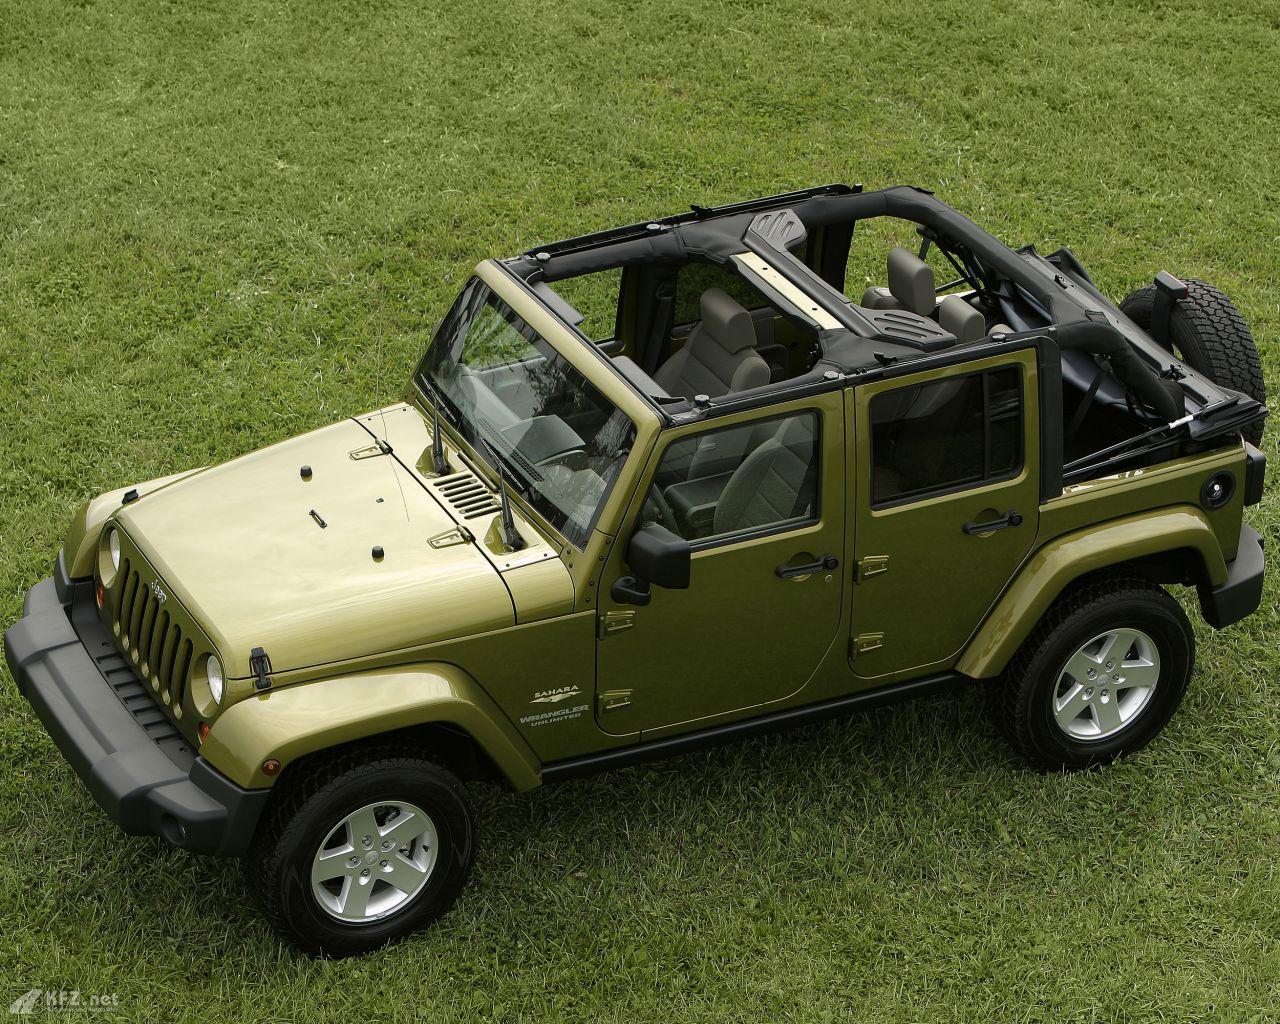 jeep-wrangler-1280x1024-10